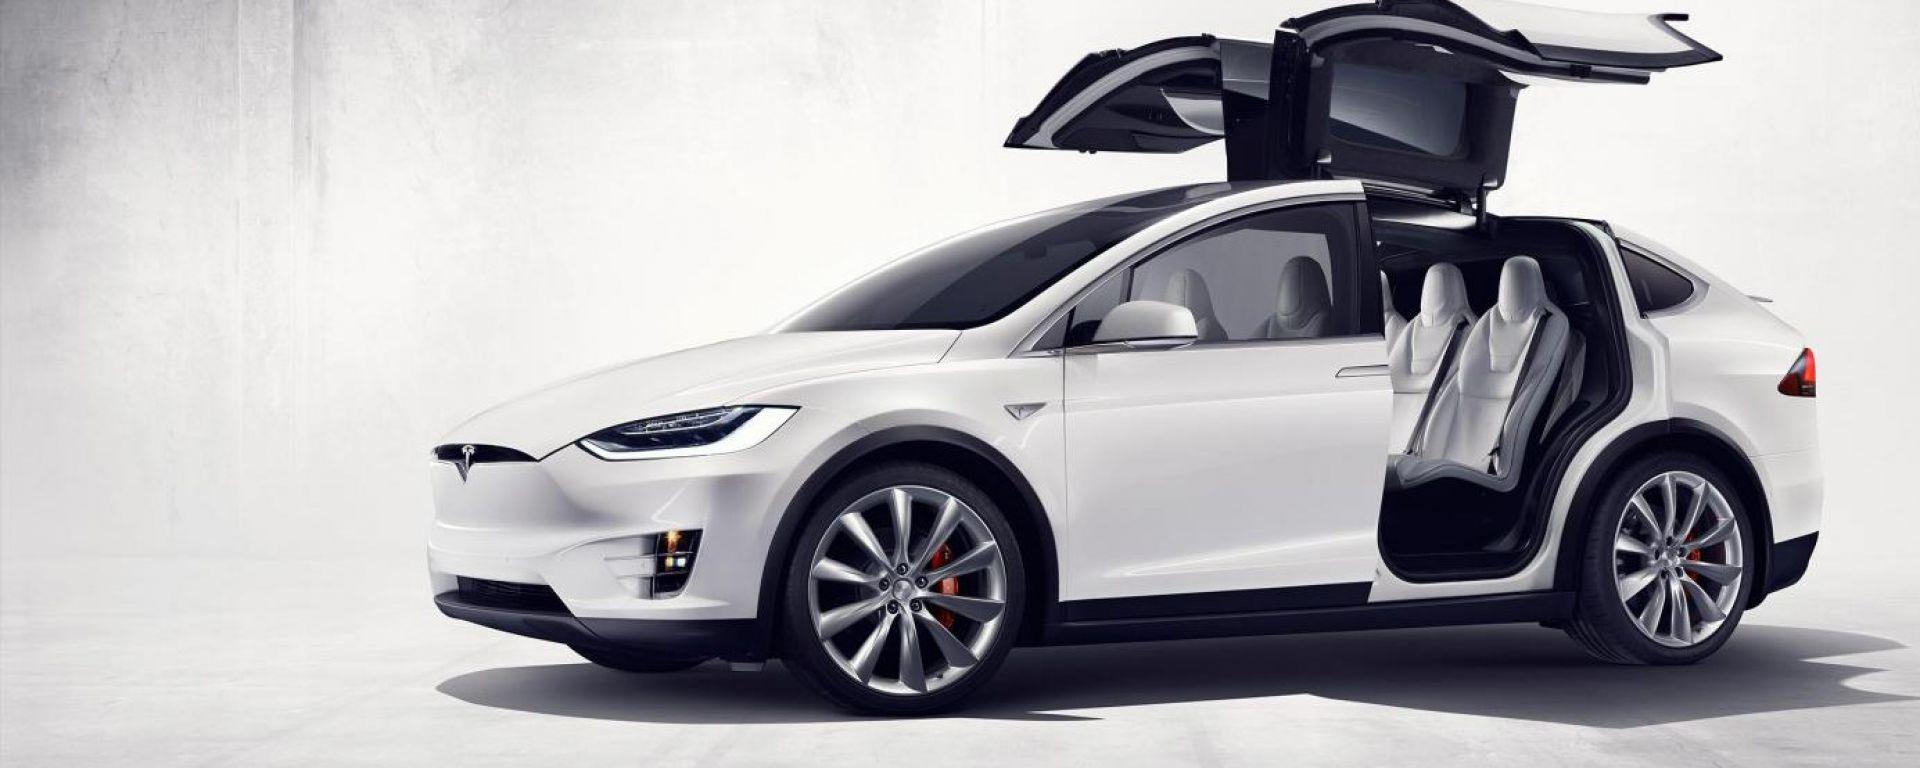 Tesla Model X: il suv elettrico diventa realtà